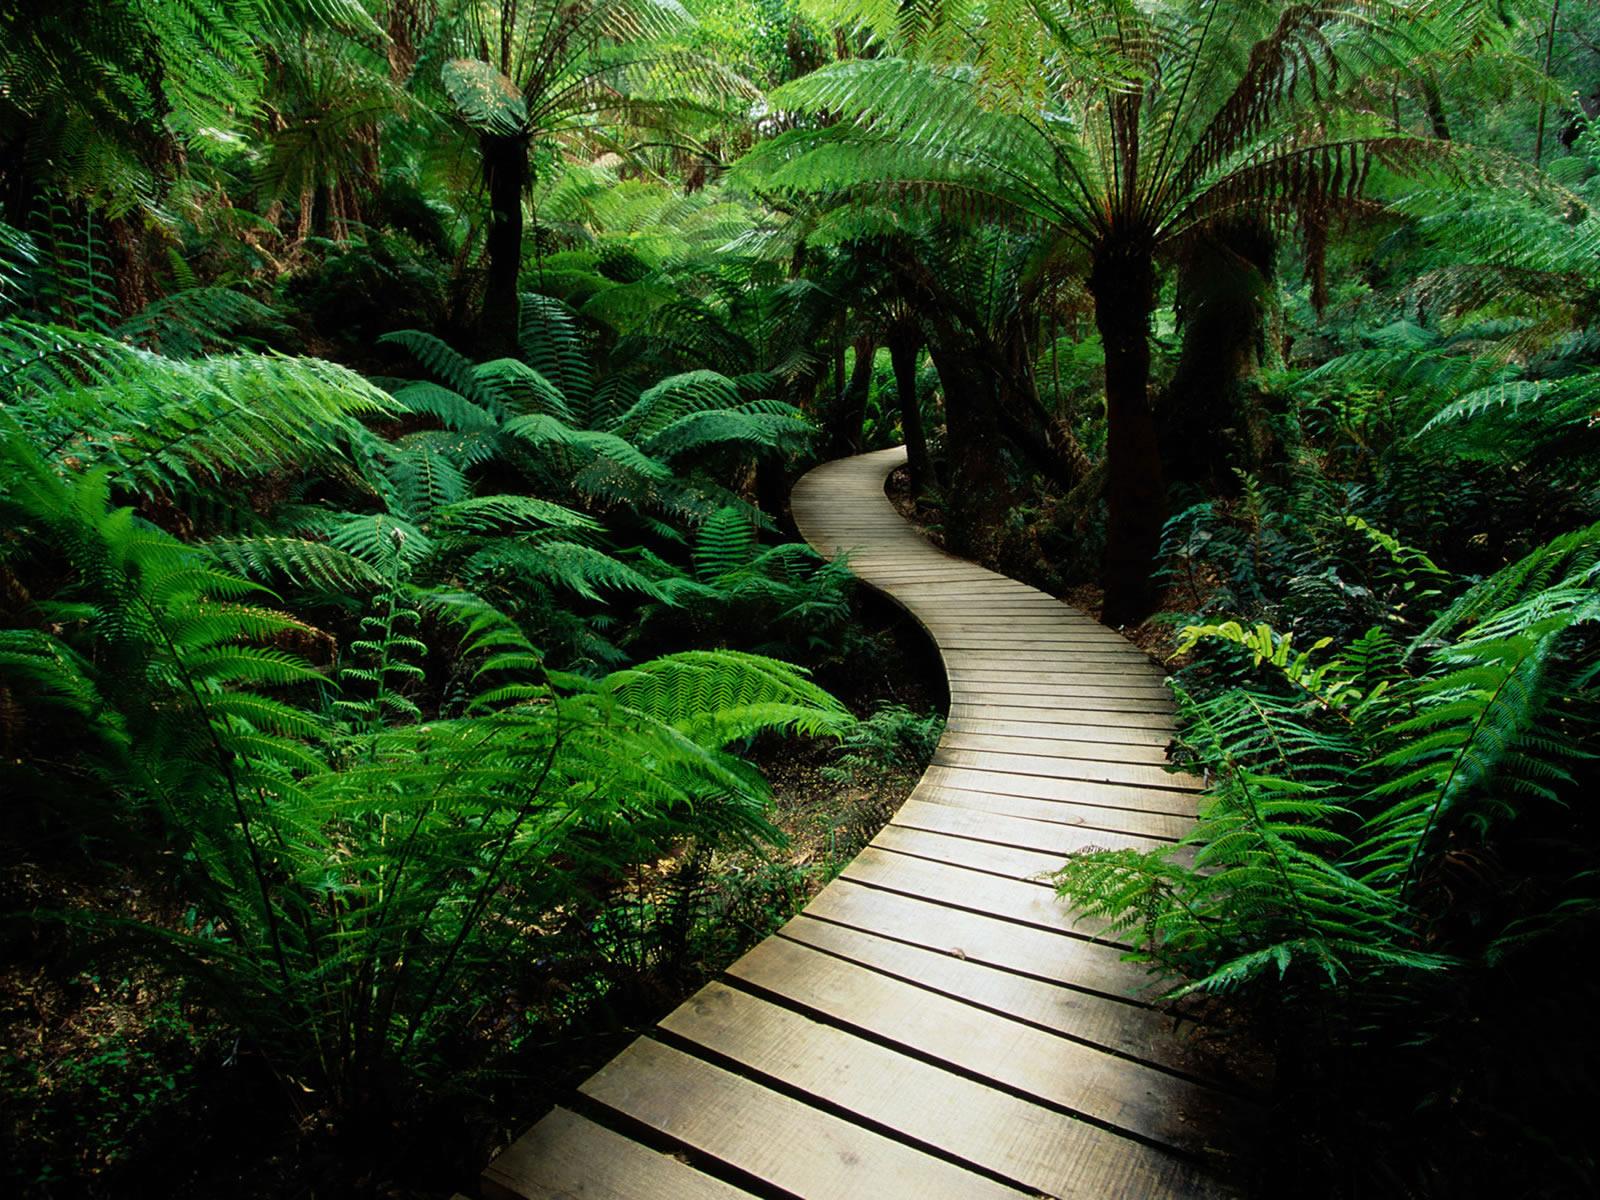 http://3.bp.blogspot.com/_QC9ftxx4Bw4/TU6MGbirEsI/AAAAAAAAAA4/DfpJIBUjx_0/s1600/Nature%252520Wallpaper.jpg